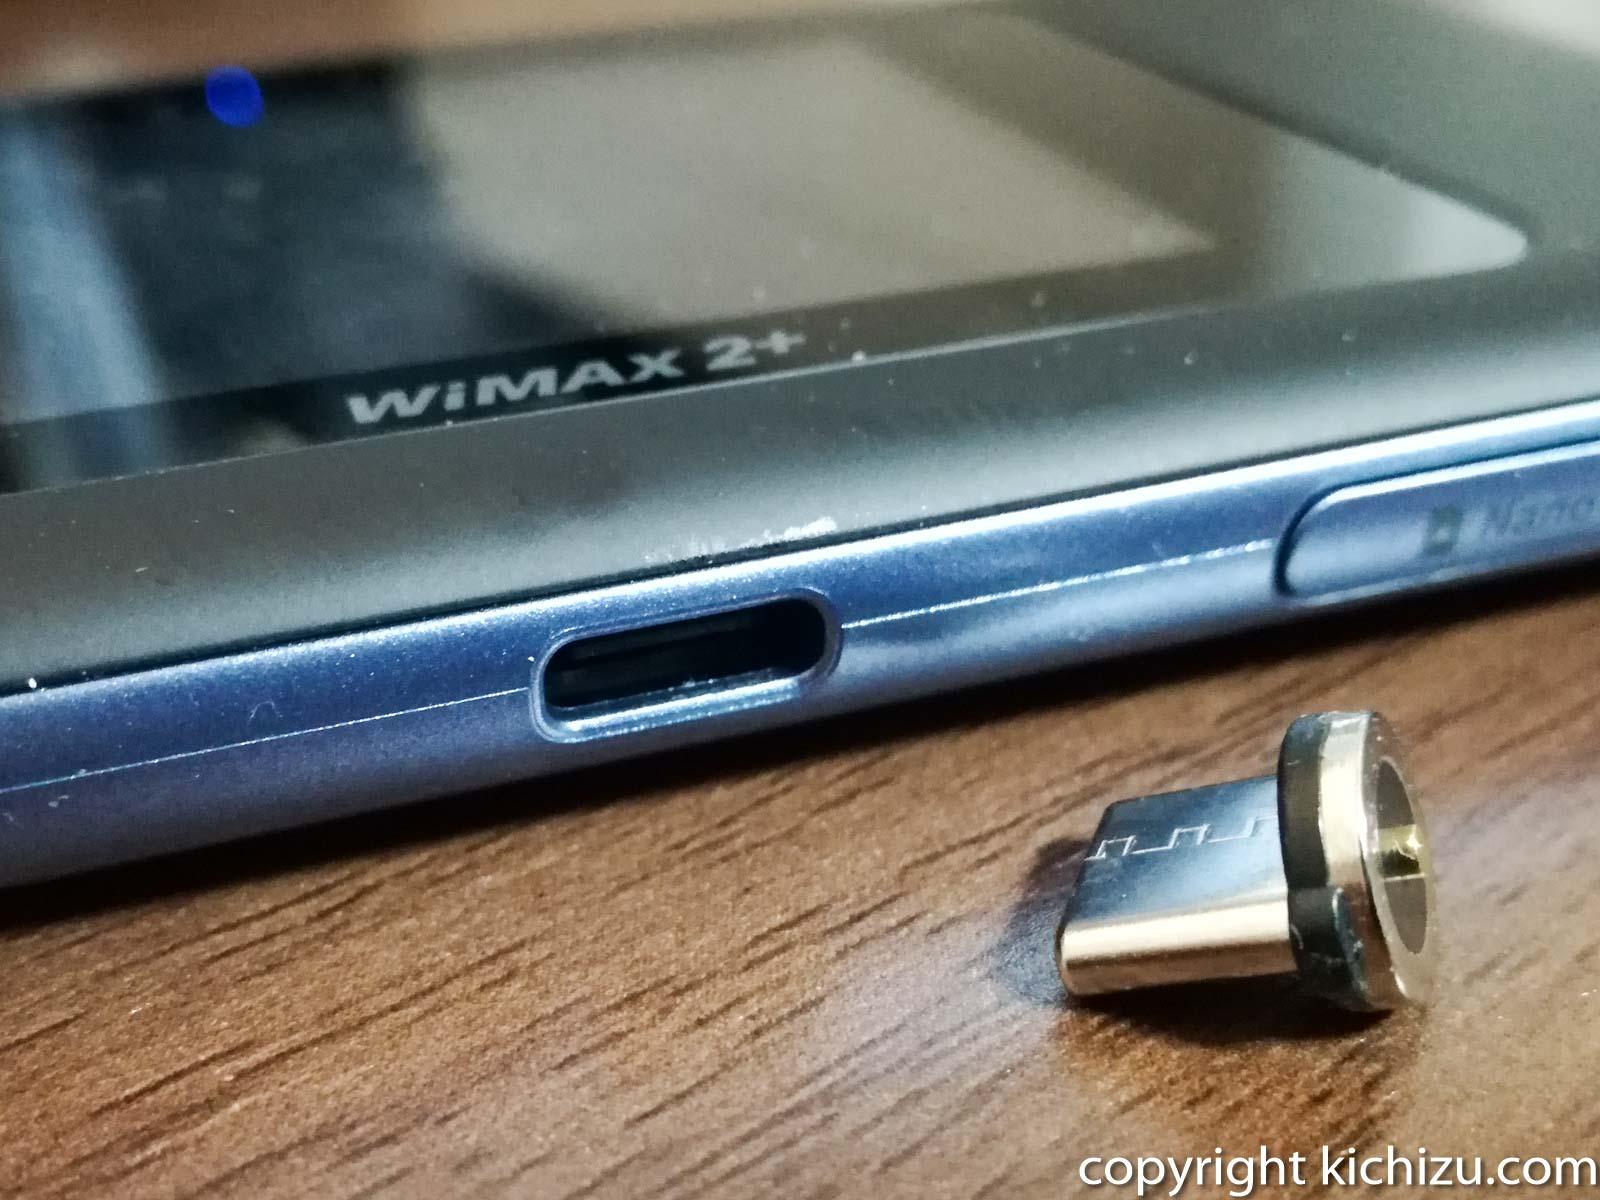 wi-fi ルーターの USB Type C にマグネットを取り付ける